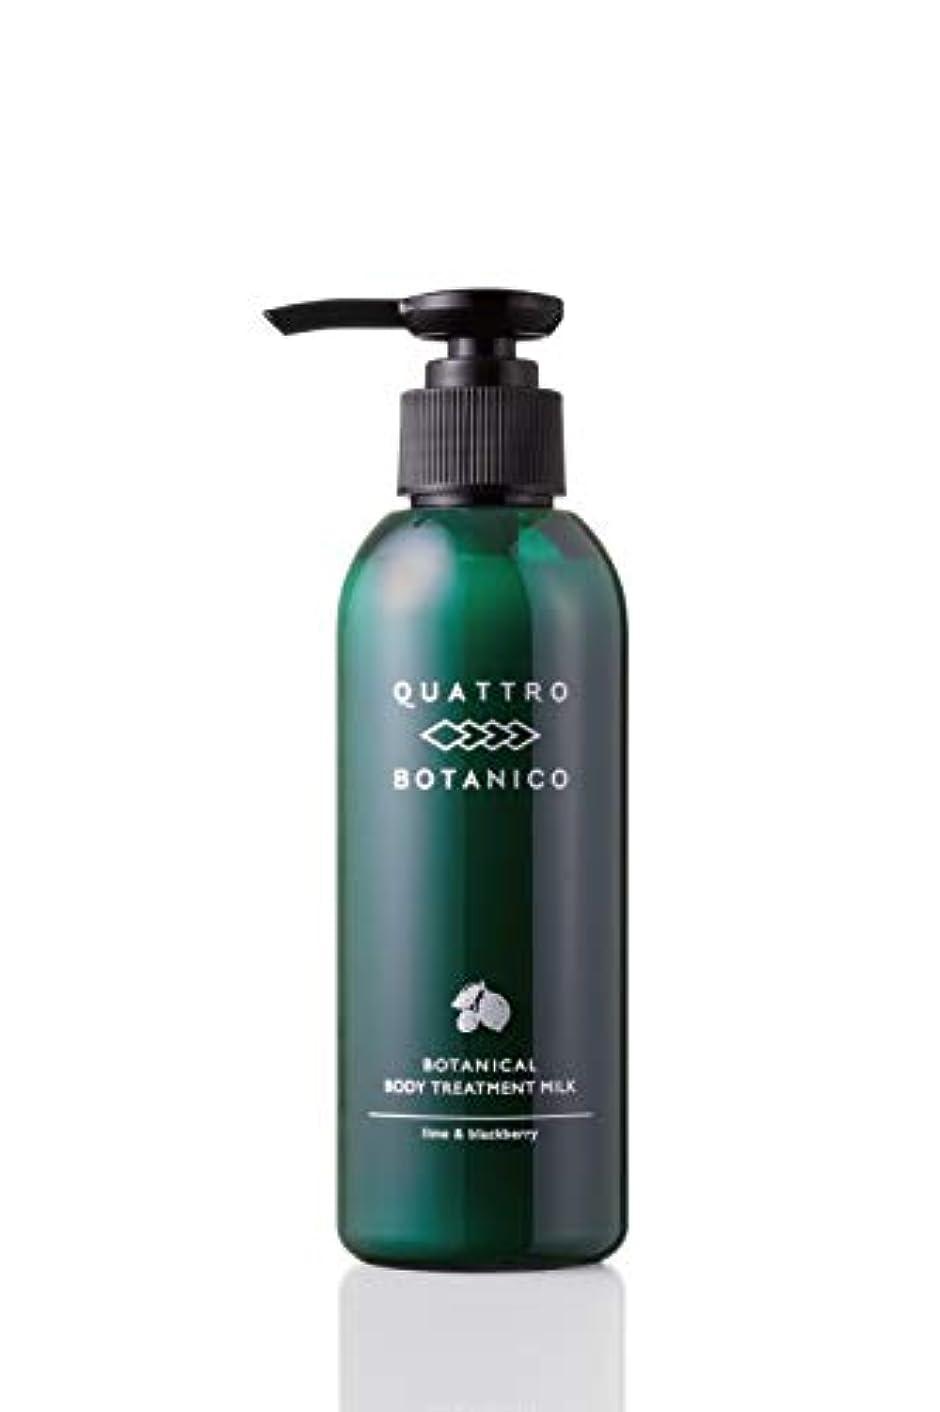 大気それからリクルートクワトロボタニコ (QUATTRO BOTANICO) 【 ボディクリーム 】ボタニカル ボディ トリートメント ミルク (ポンプ式)かさつく肌の保湿に お風呂上がりに 180mL 約2ヶ月分?